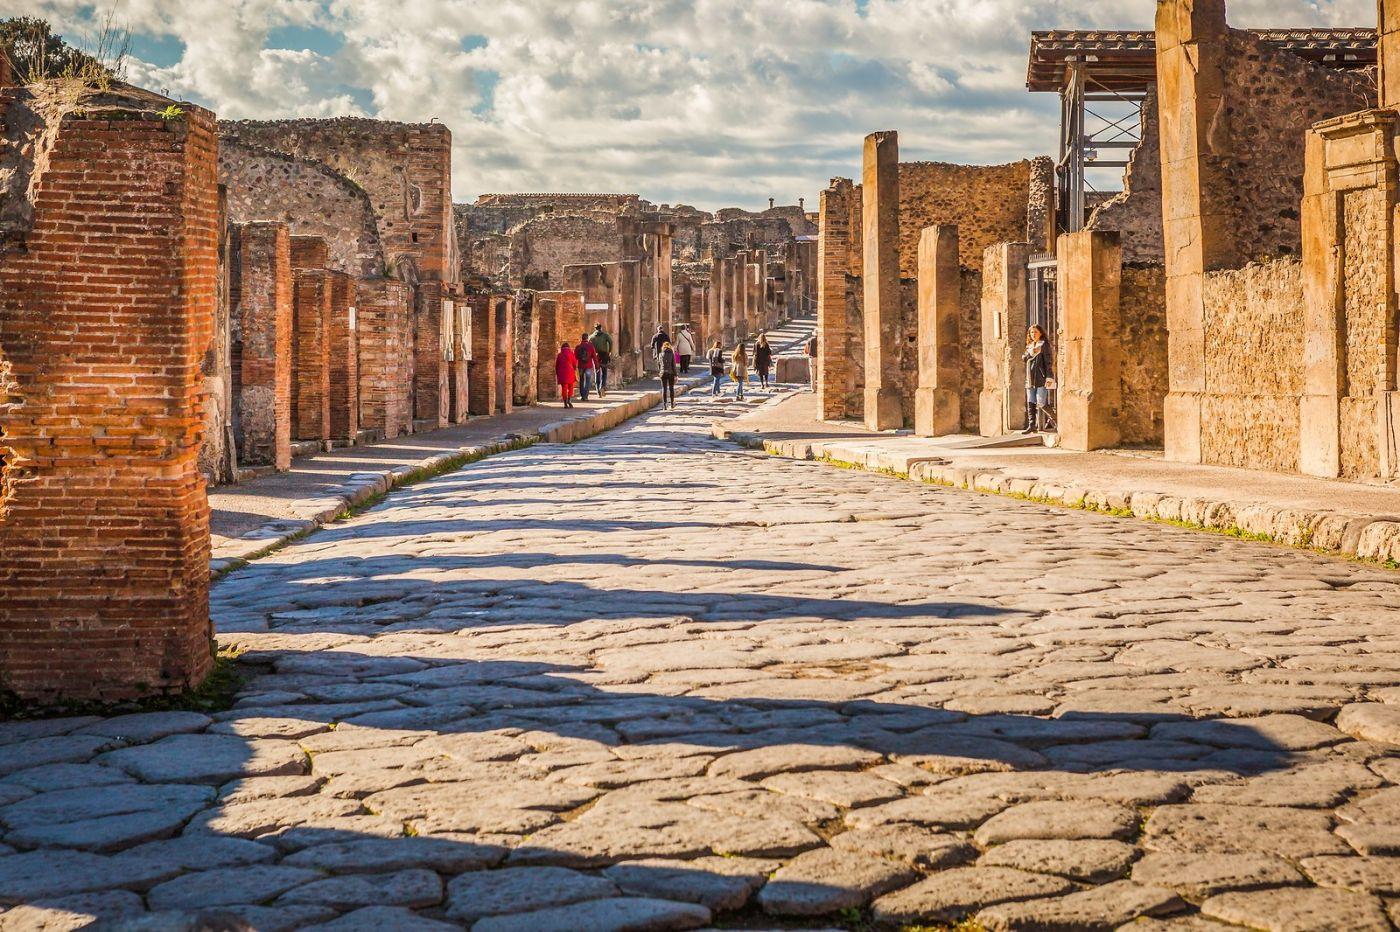 意大利一世纪古城庞贝,那时城市道路_图1-1